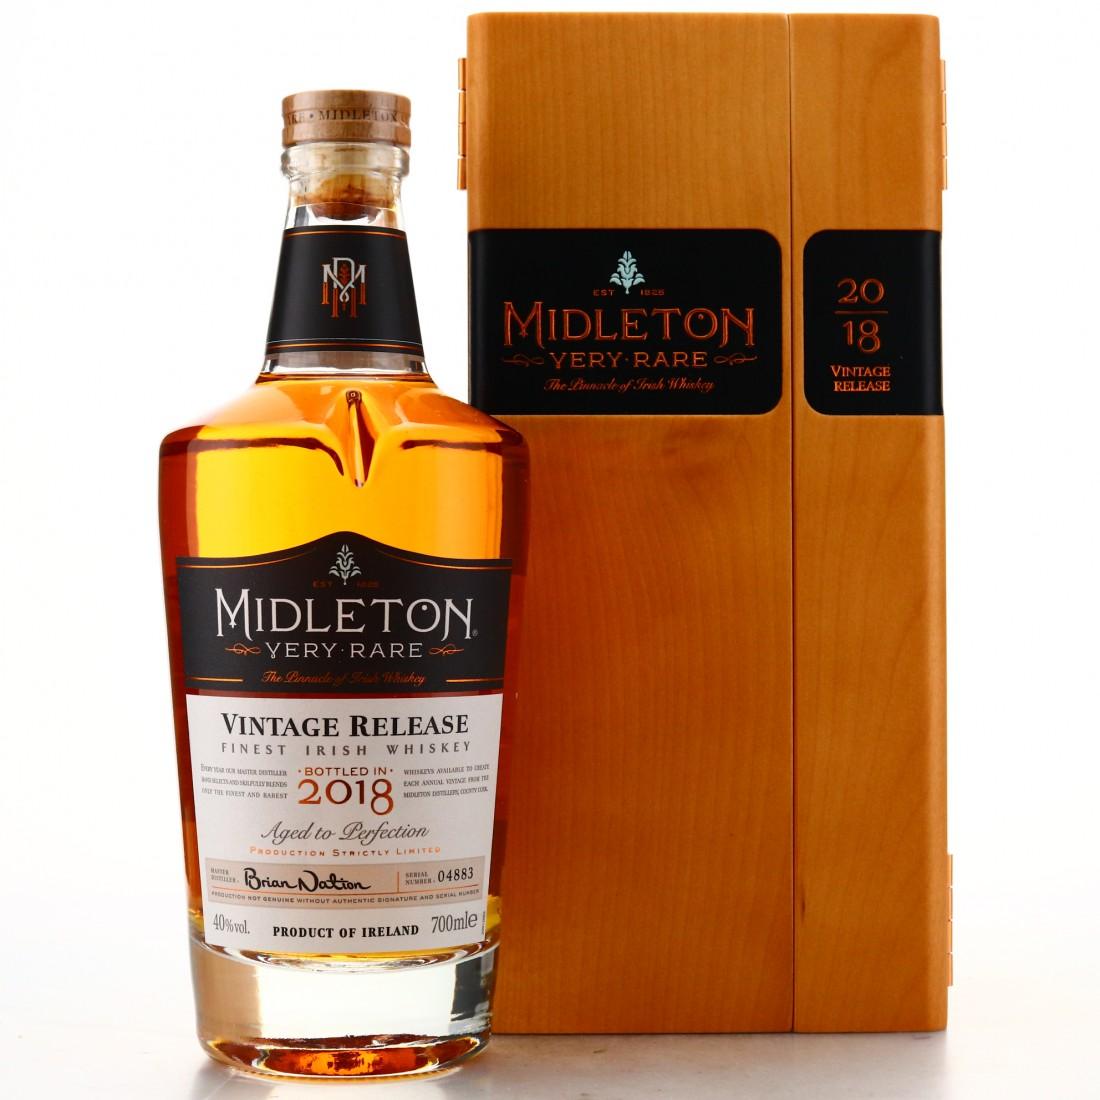 Midleton Very Rare 2018 Edition